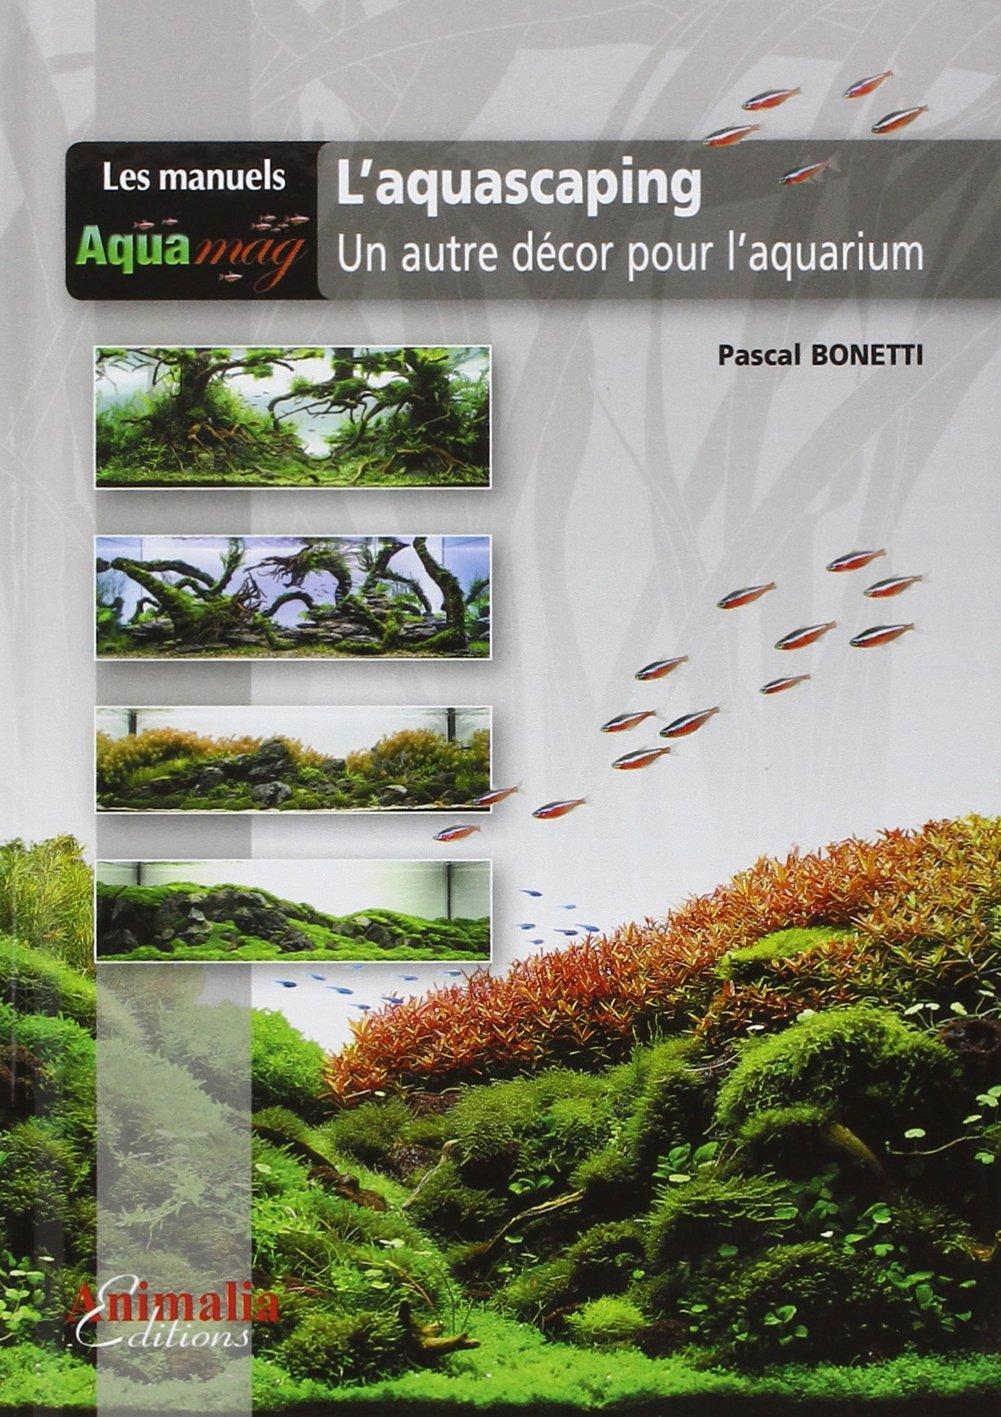 Nouveau magazine: Aquarium magazine 819r2x10